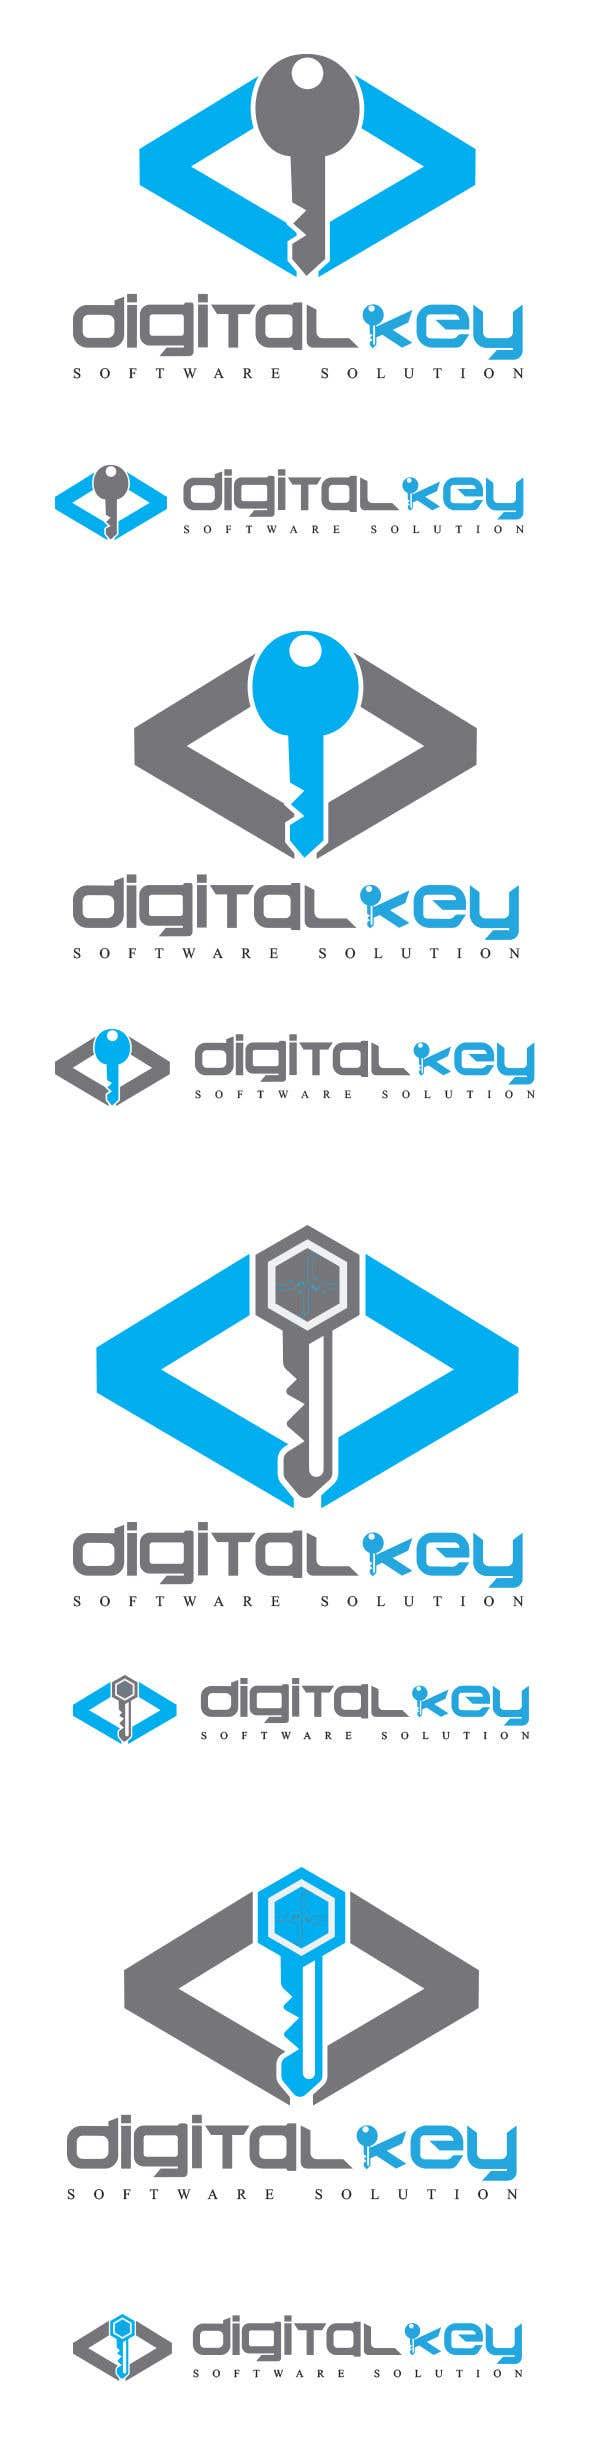 Konkurrenceindlæg #59 for Logo for firm name Digital Key